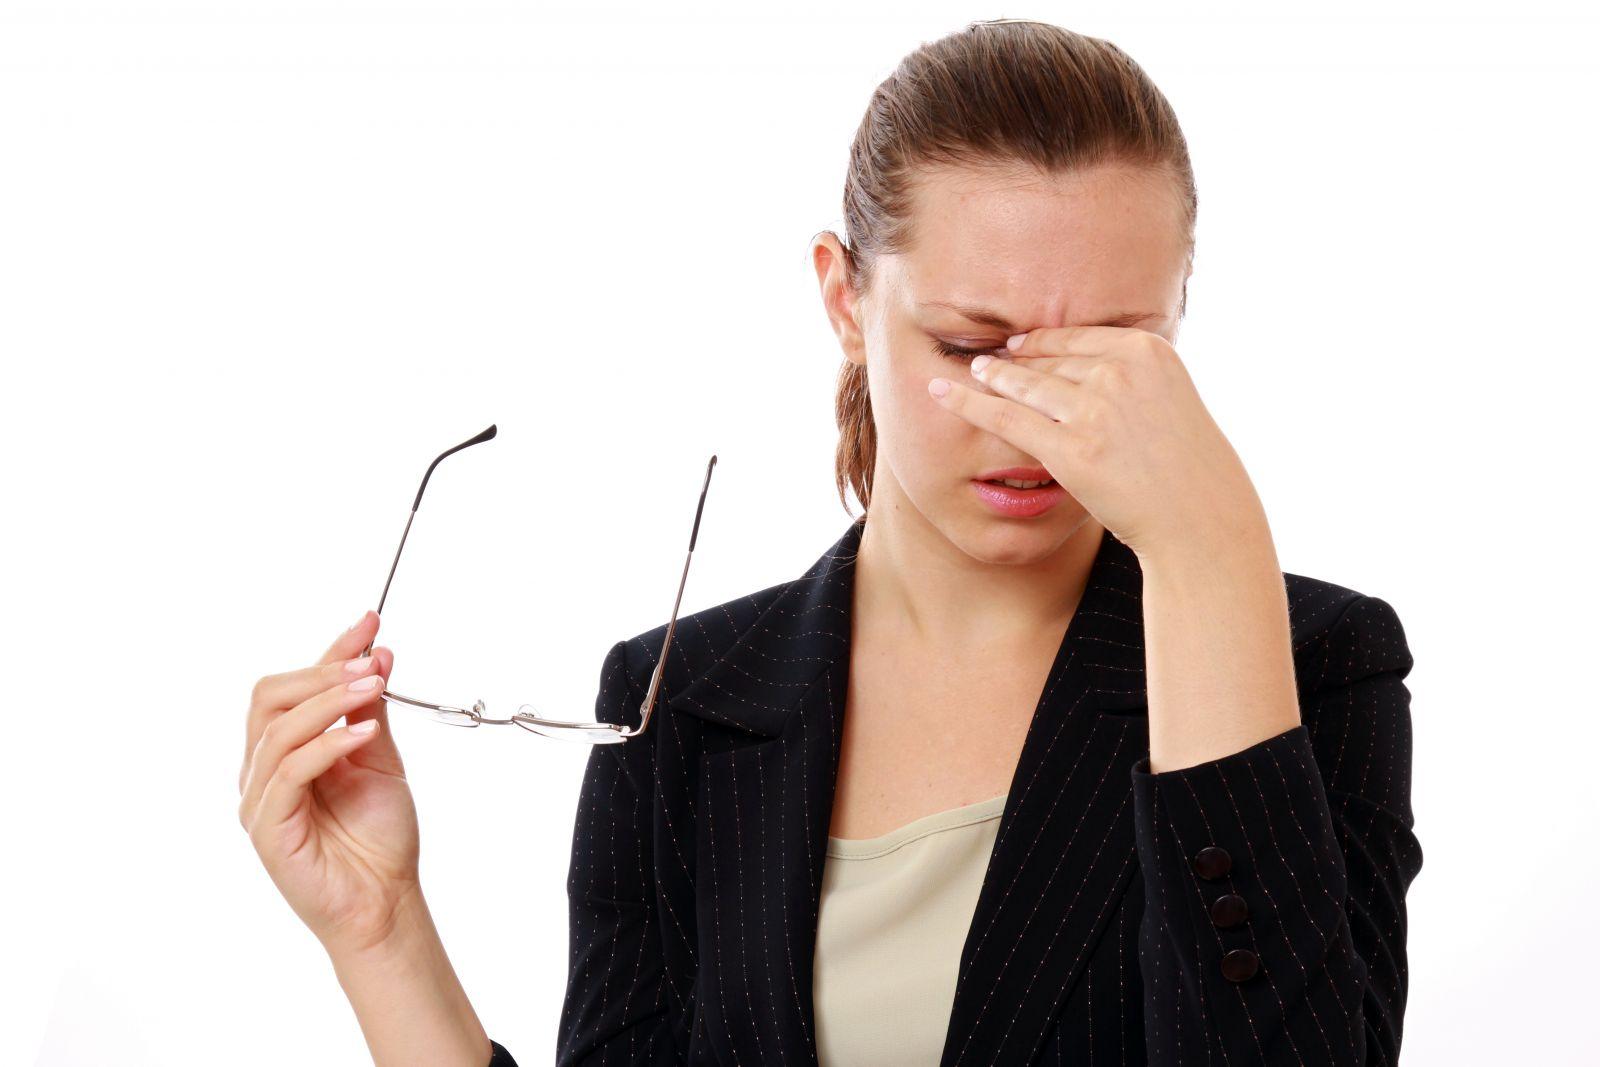 Стрессы могут привести к отклонению глазного давления от нормы